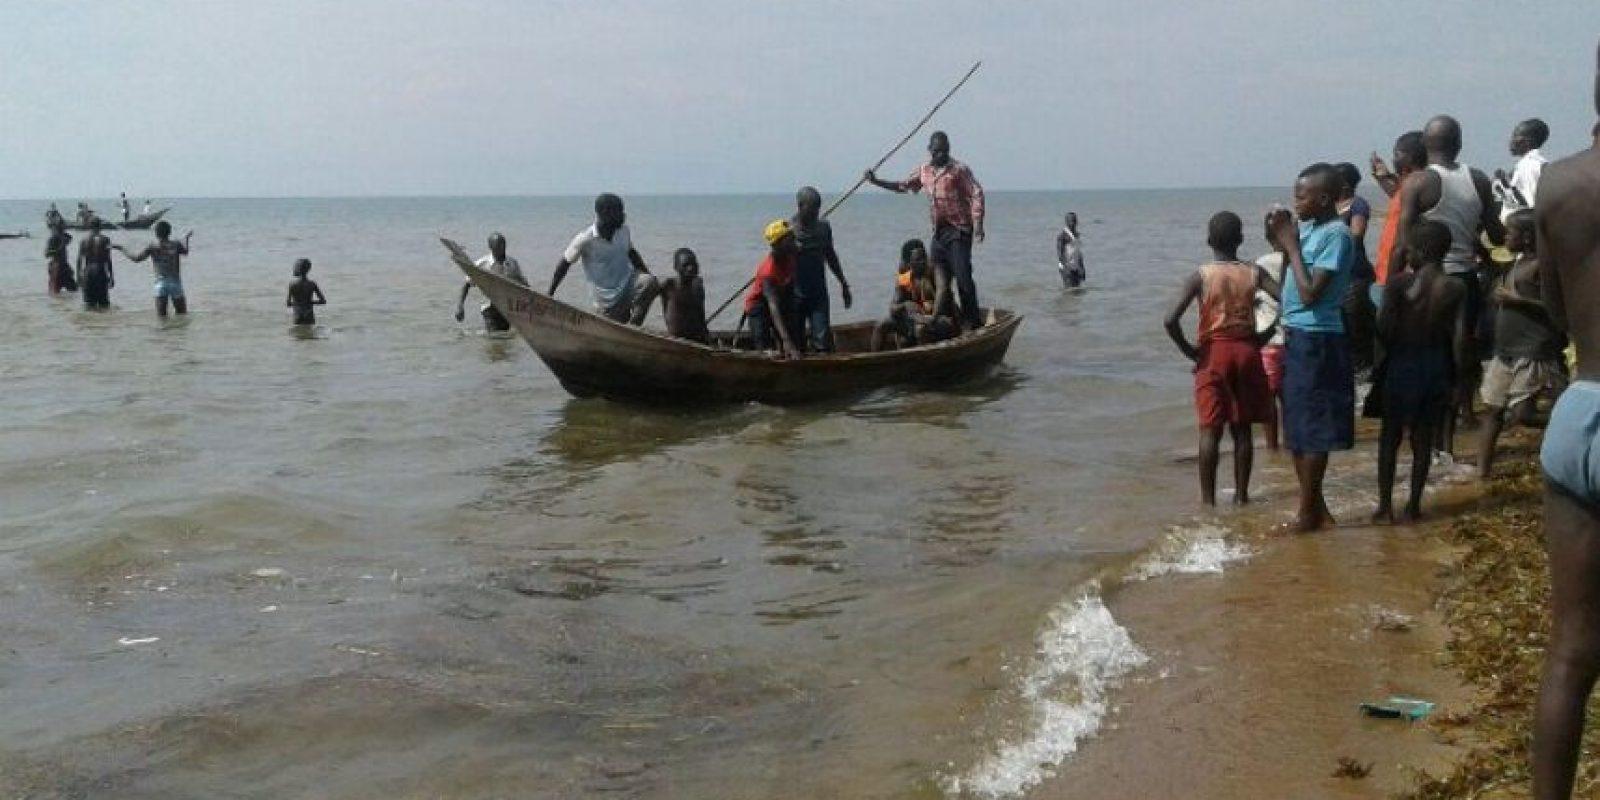 No existen noticias sobre el paradero de más de 20 personas que viajaban en la embarcación. Foto:AFP